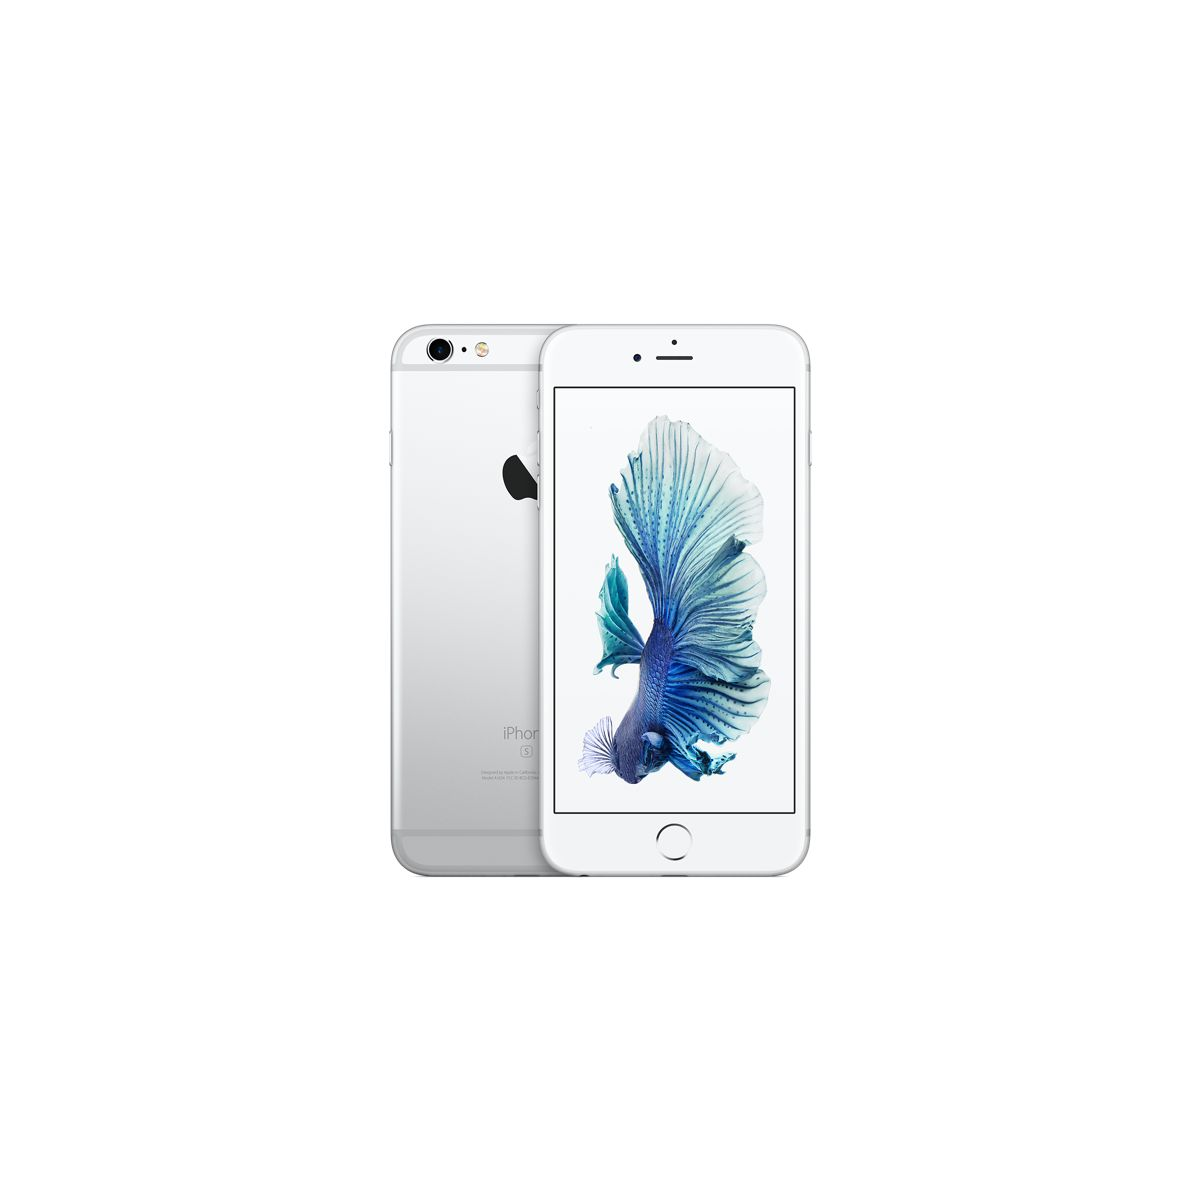 Apple iphone 6s plus 64go argent - 10% de remise immédiate avec le code : fete10 (photo)